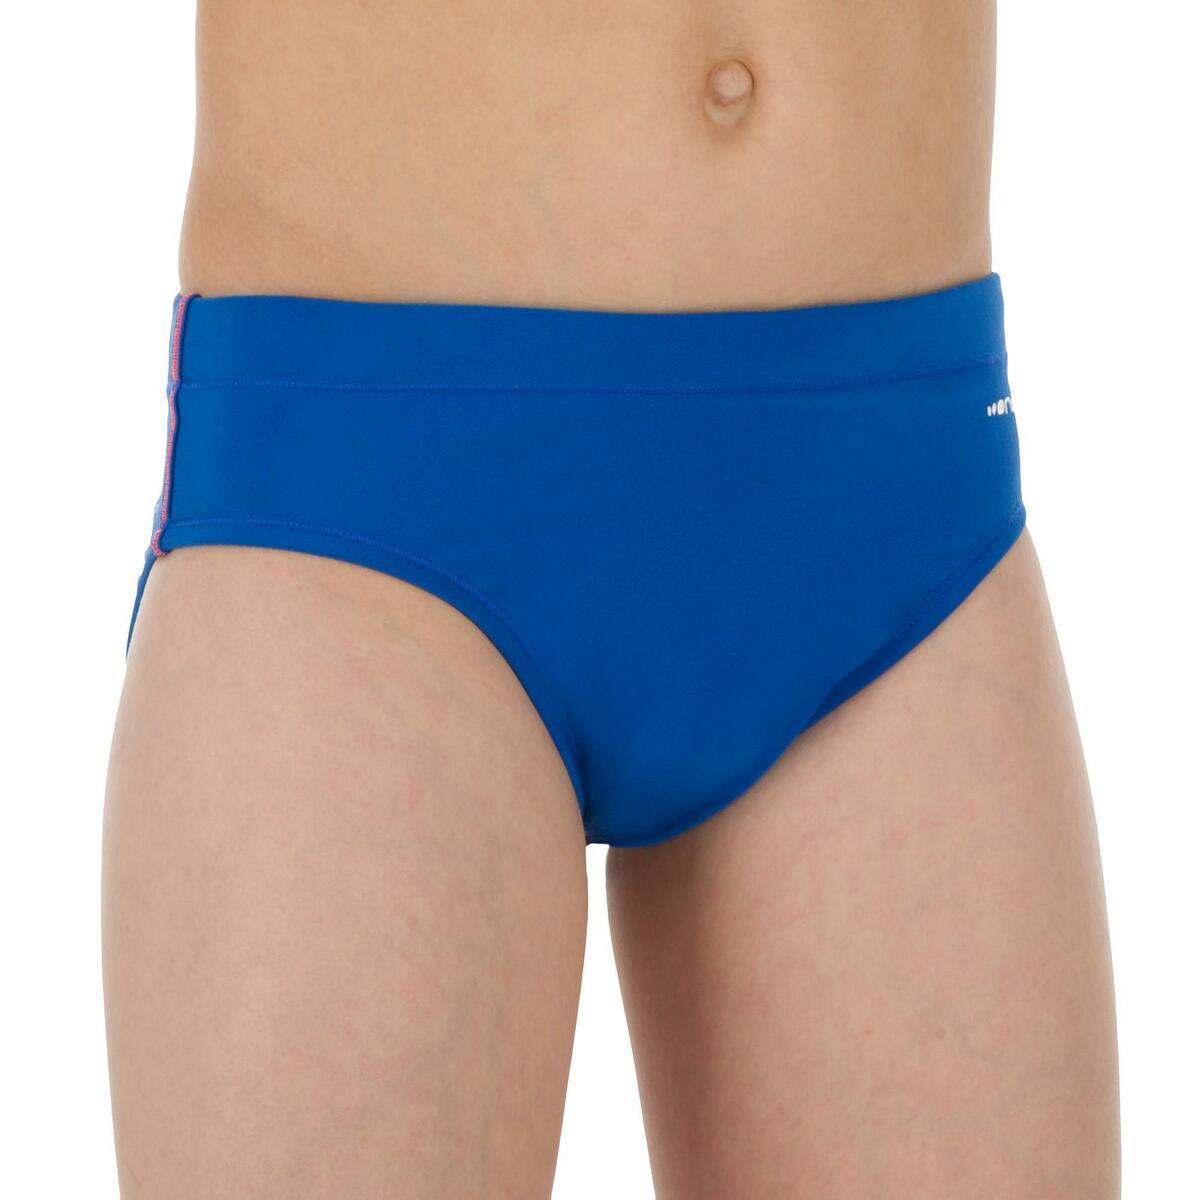 Bild 2 von Badehose Wasserball 500 Jungen Uni blau